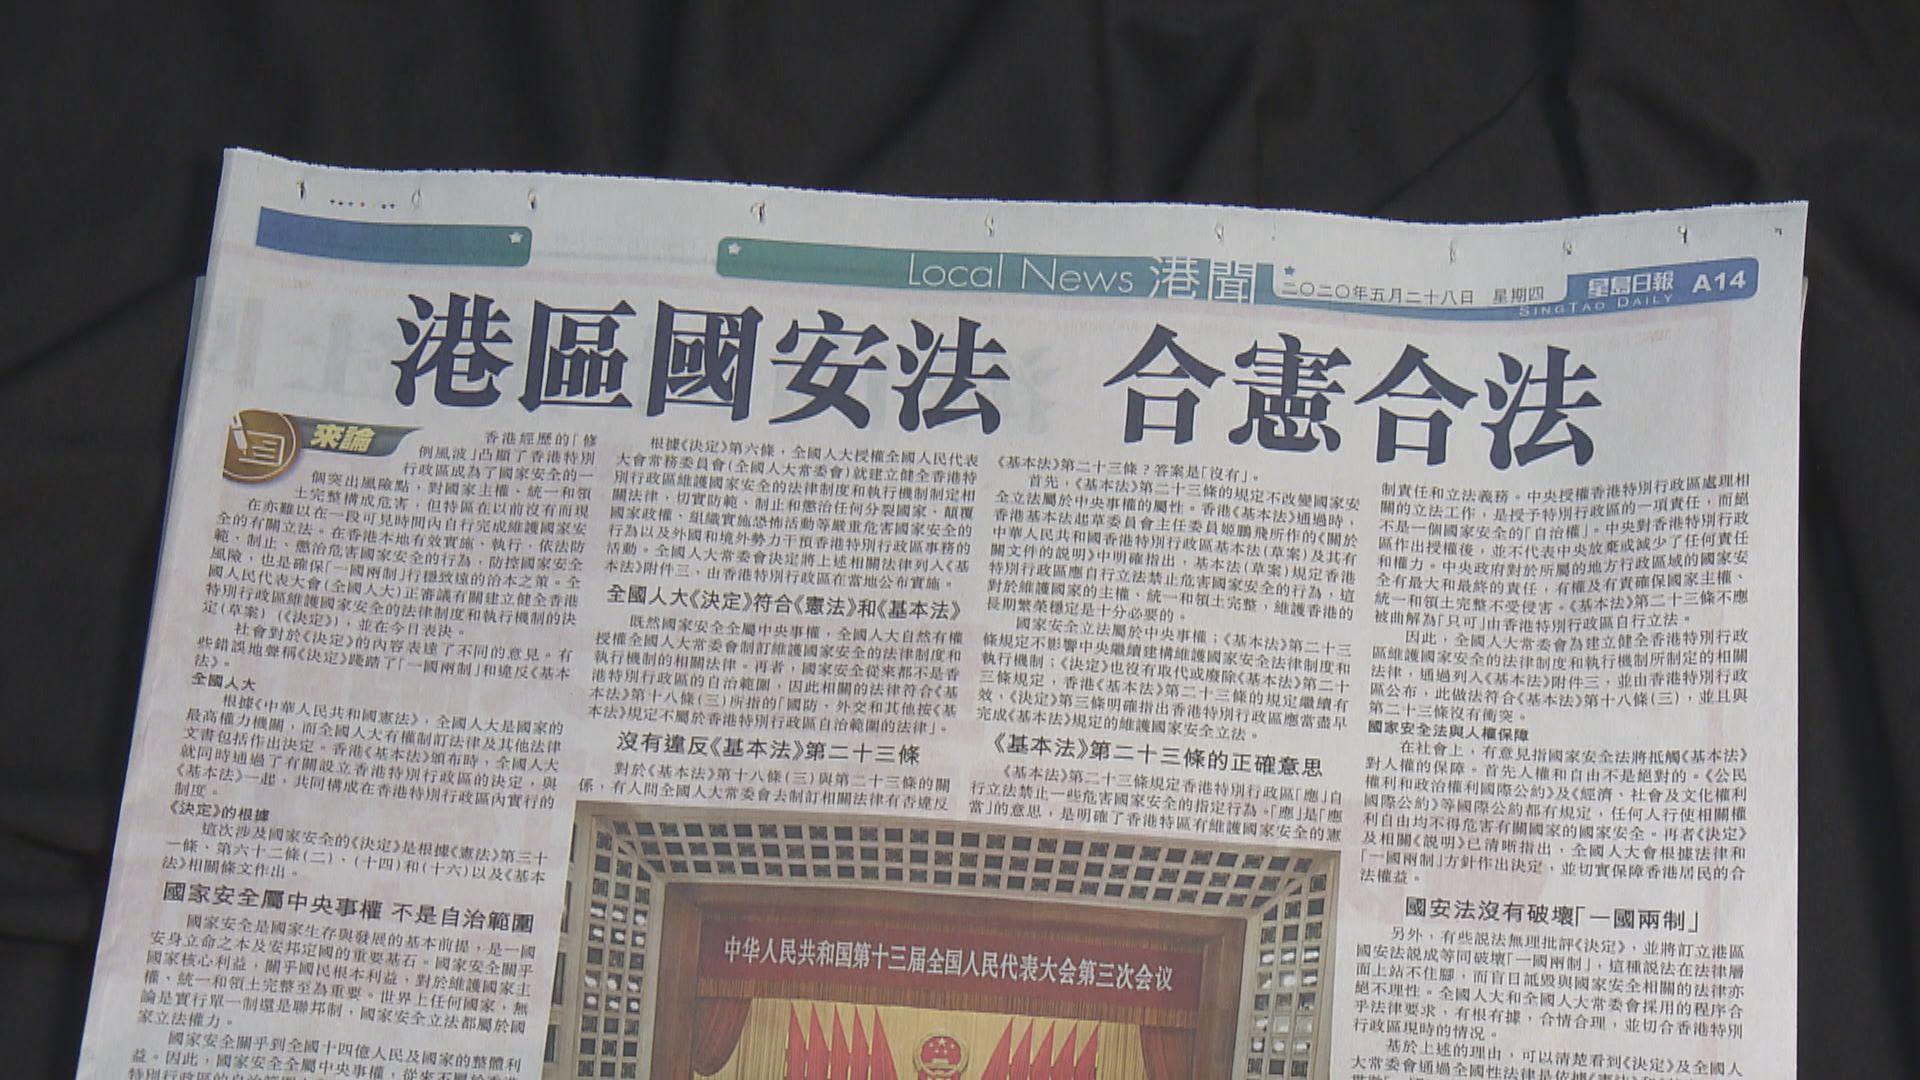 鄭若驊強調港區國安法合憲合法